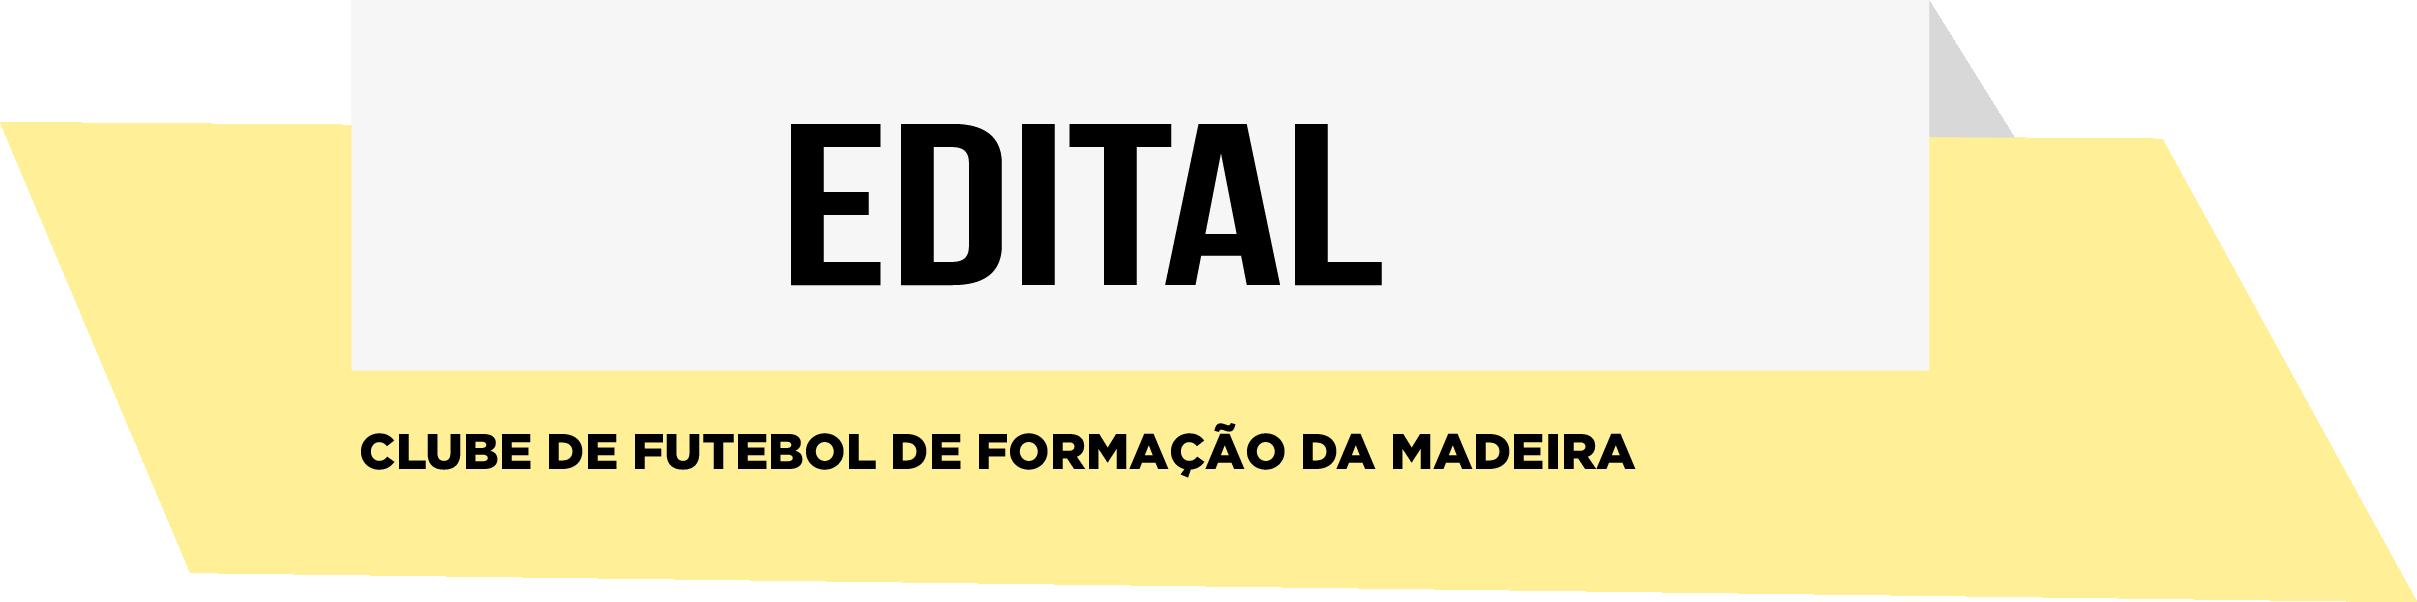 EDITAL- Clube de Futebol de Formação da Madeira